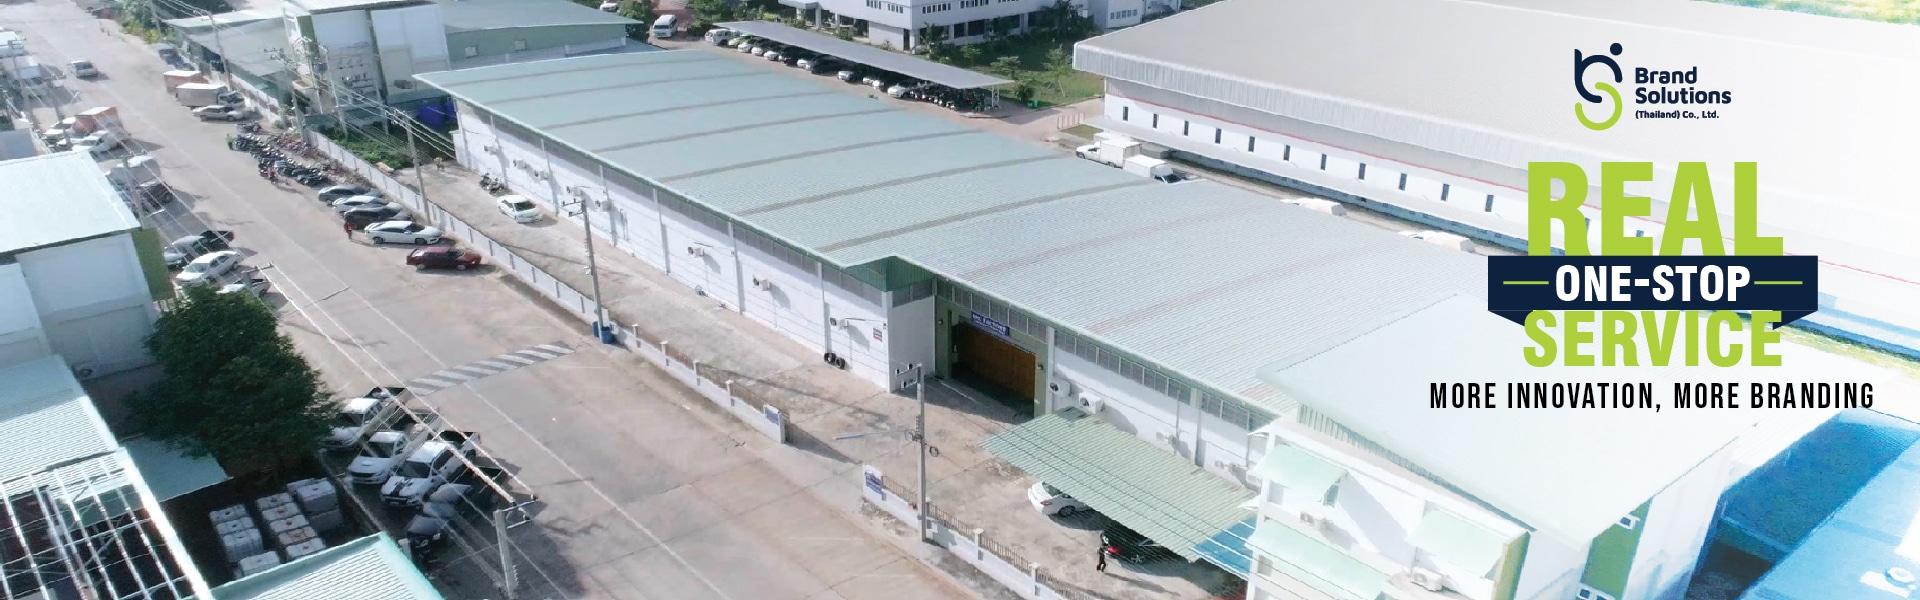 โรงงานผลิตครีมครบวงจร บริษัทรับผลิตอาหารเสริม รับผลิตอาหารเสริมครบวงจร